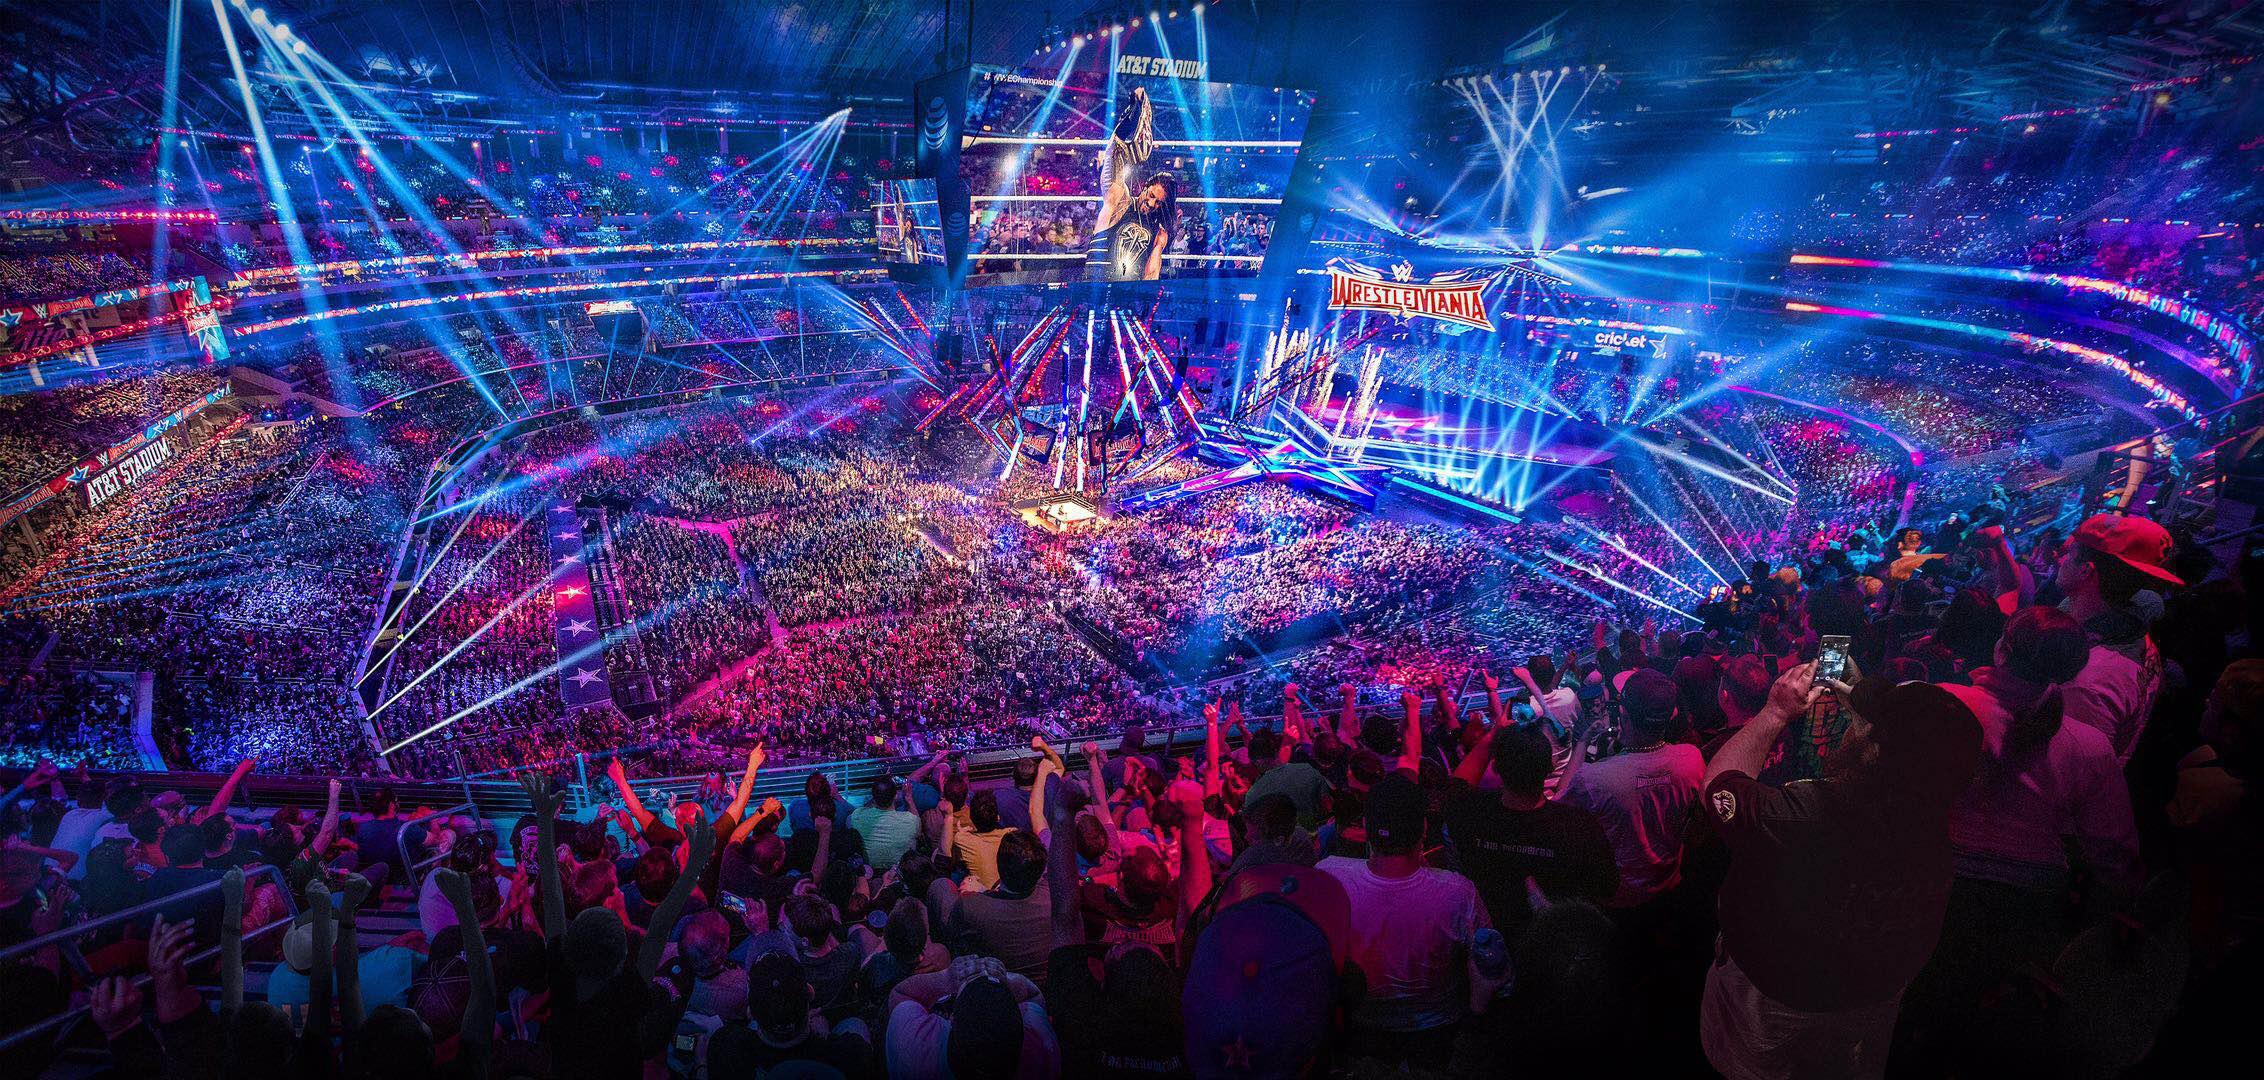 风靡全球的WWE®体育娱乐现场秀金秋9月再临魔都